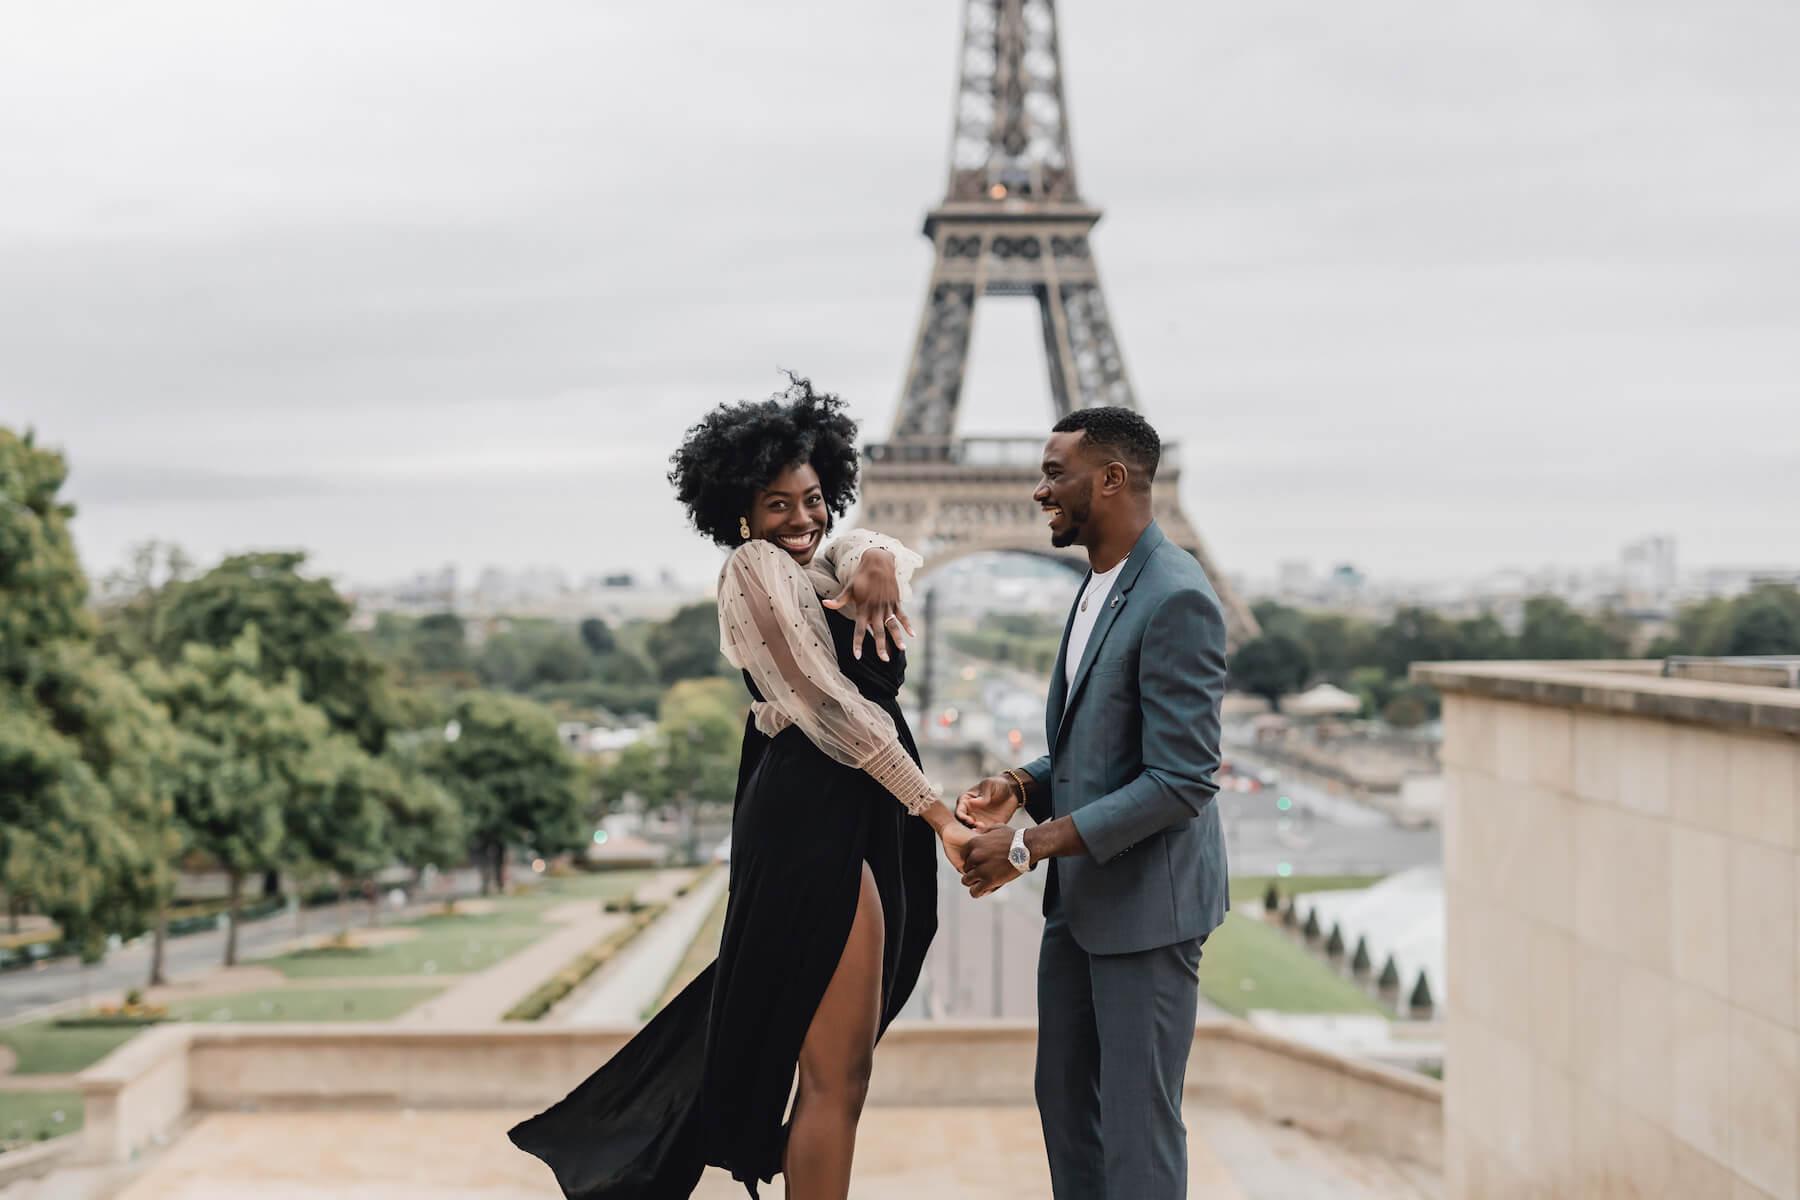 paris-08-17-2019-proposal-102_original